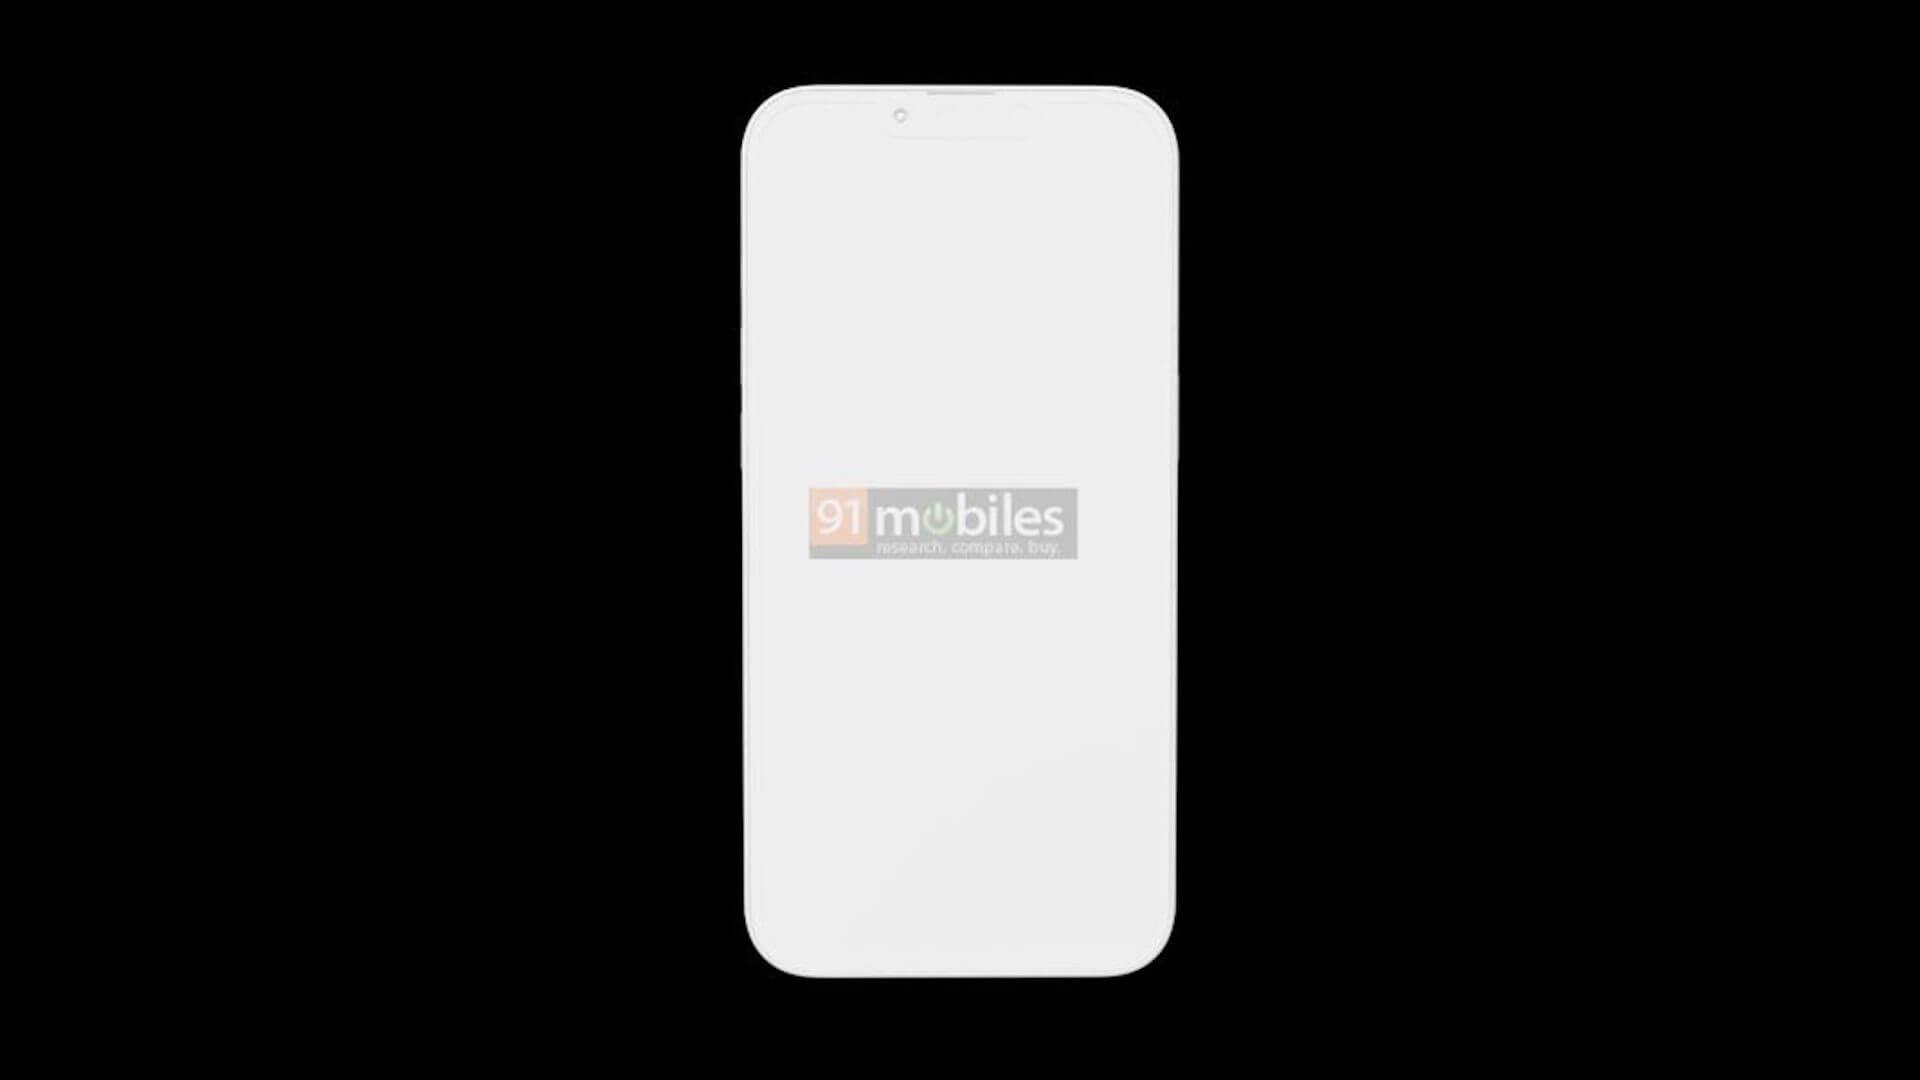 9月発表のiPhone 13 Proは少し厚くなる?3Dレンダリング画像が公開 tech210415_iphone13_2